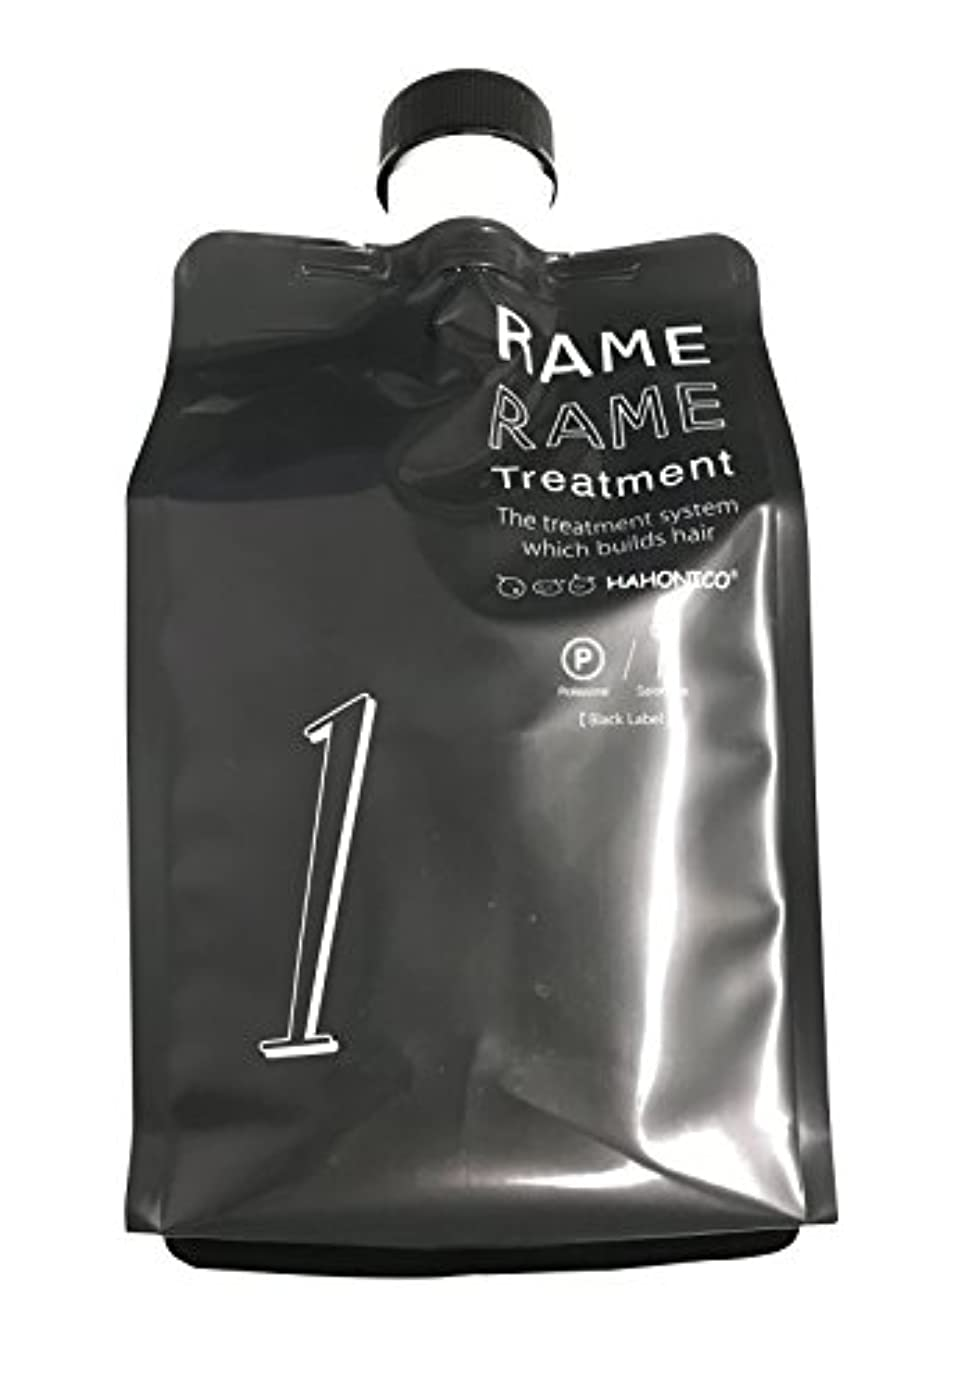 経営者追放する秘書ハホニコ (HAHONICO) ザラメラメ No.1 Black Label 1000g